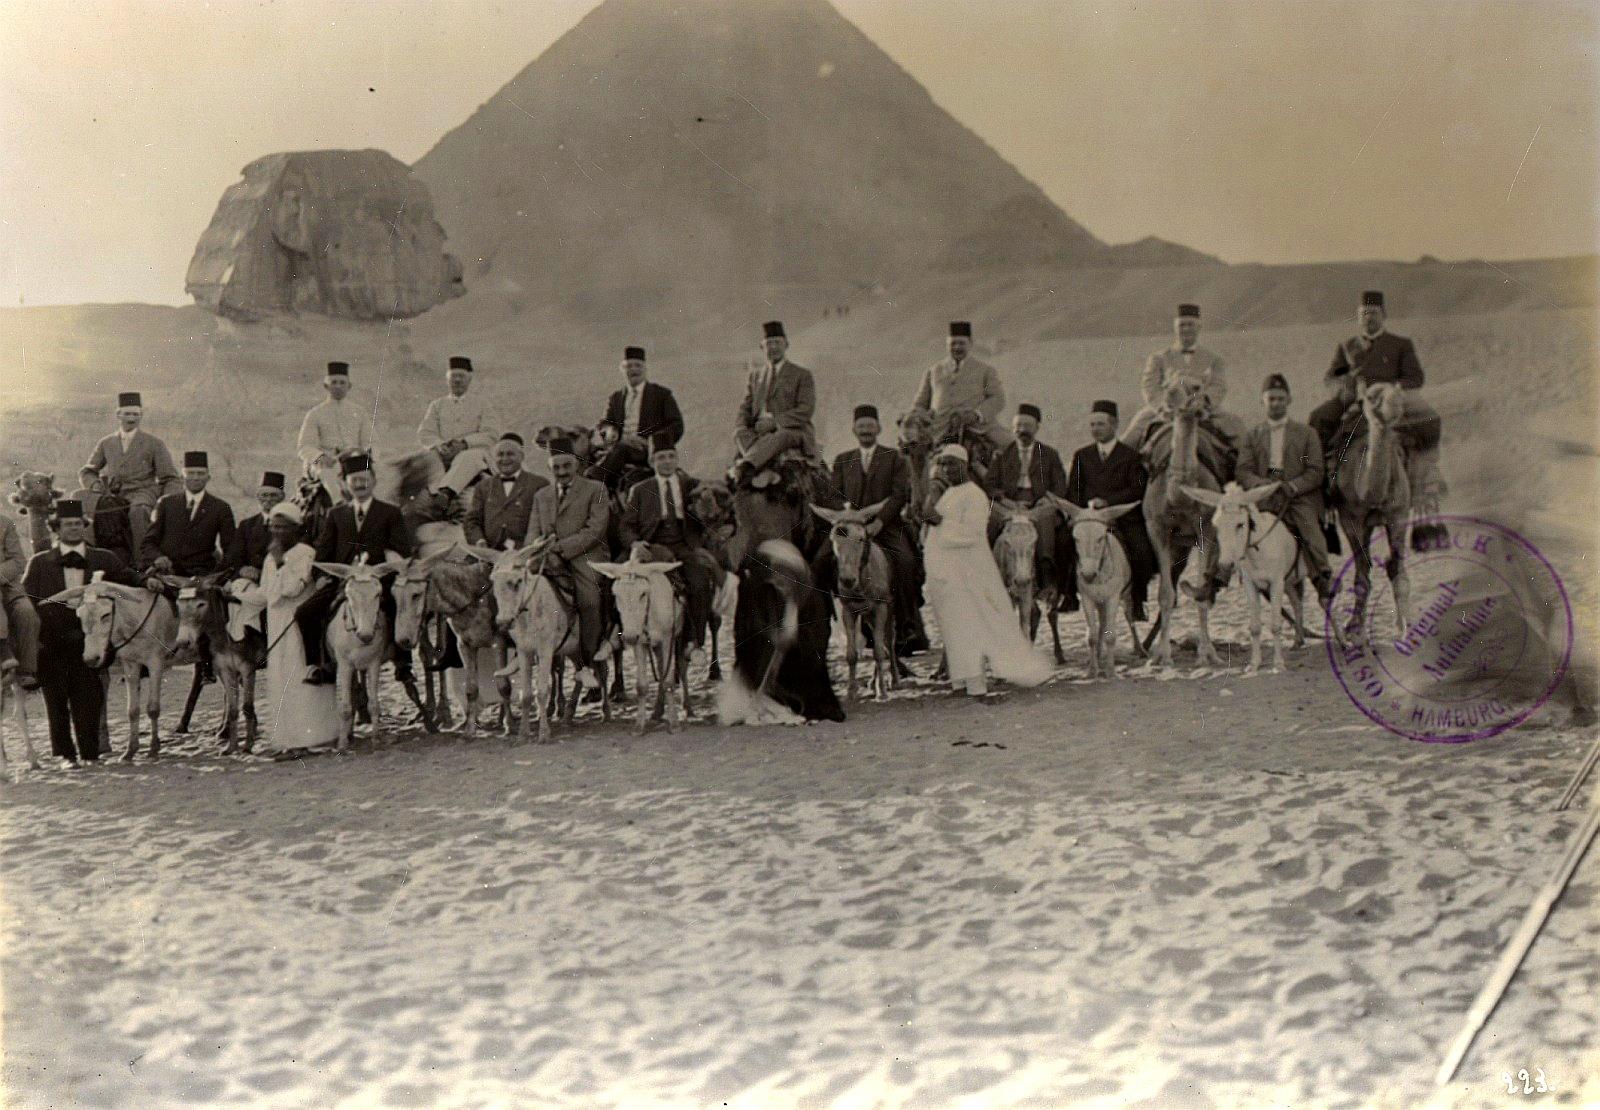 Гиза. Туристическая группа на верблюдах и ослах с гидами перед Сфинксом и пирамидой